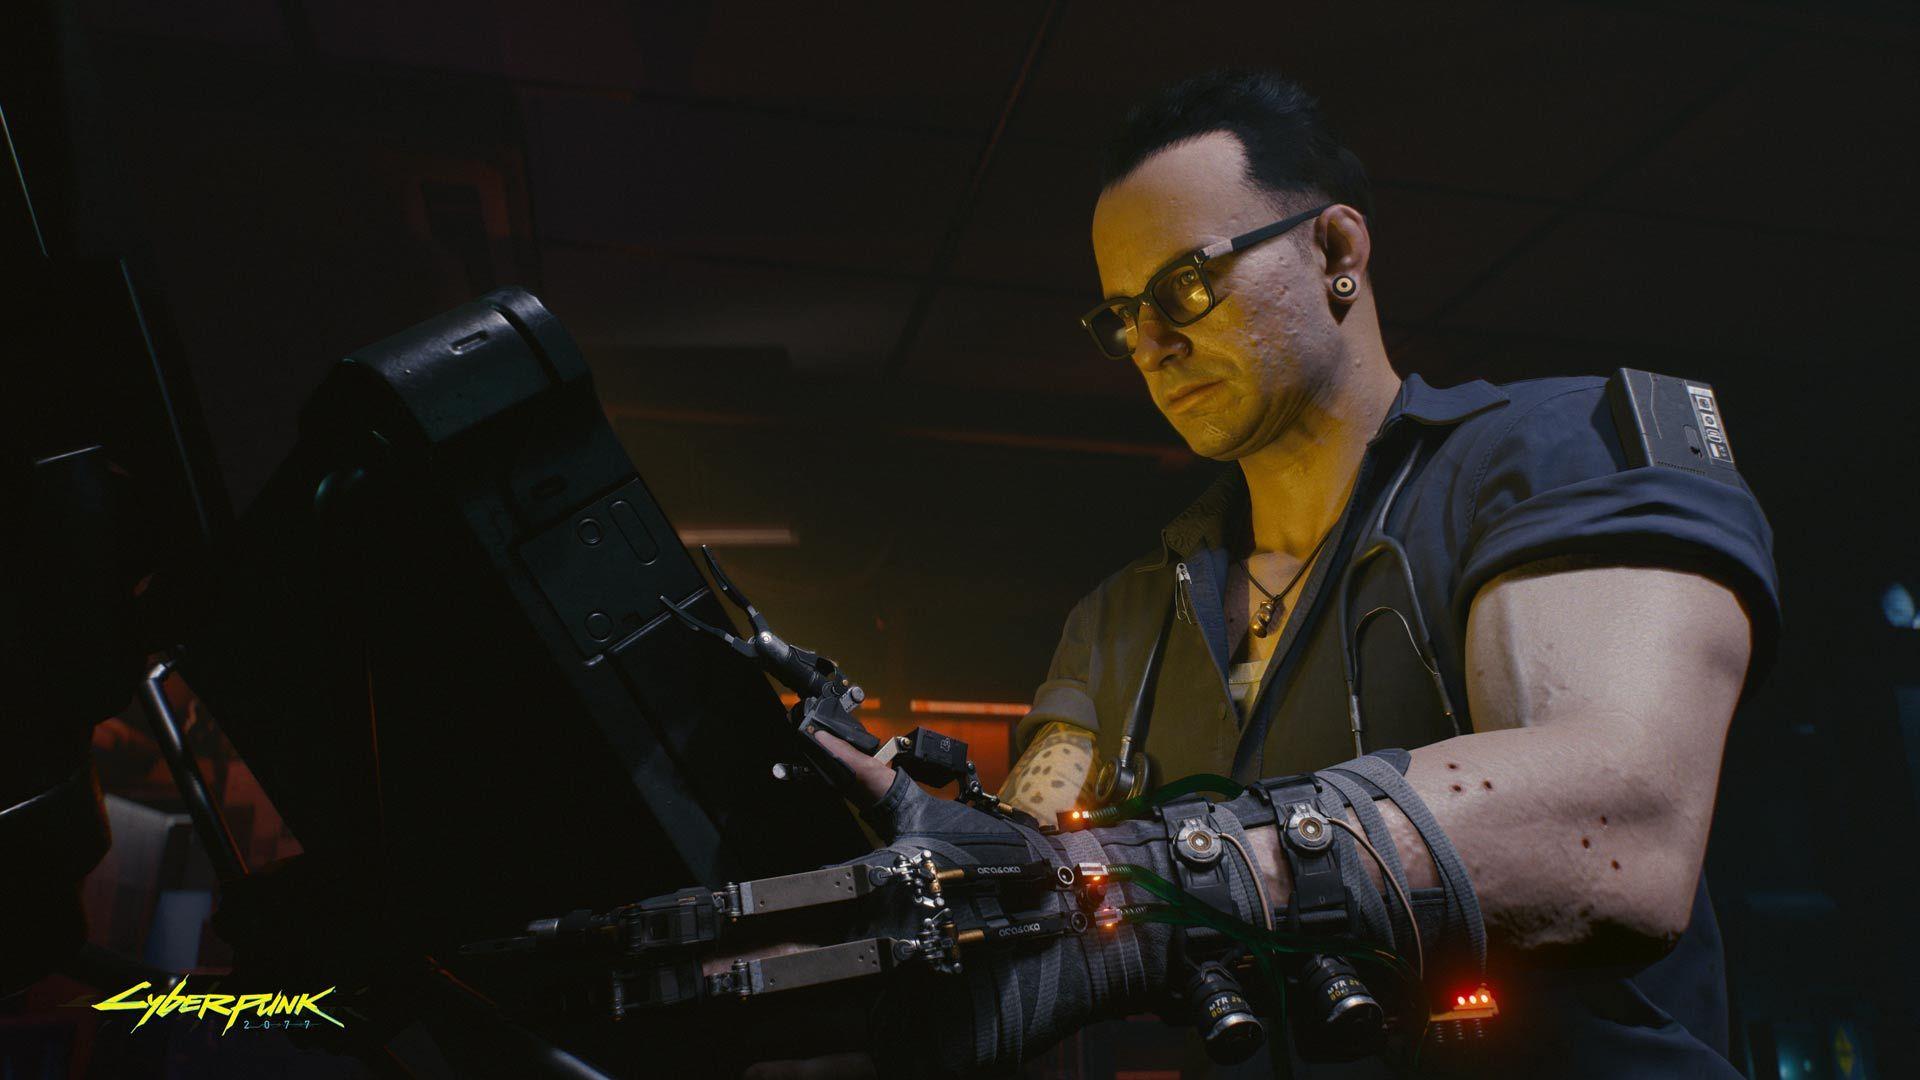 После релиза Cyberpunk 2077 основатели CD Projekt RED в совокупности потеряли $1 миллиард